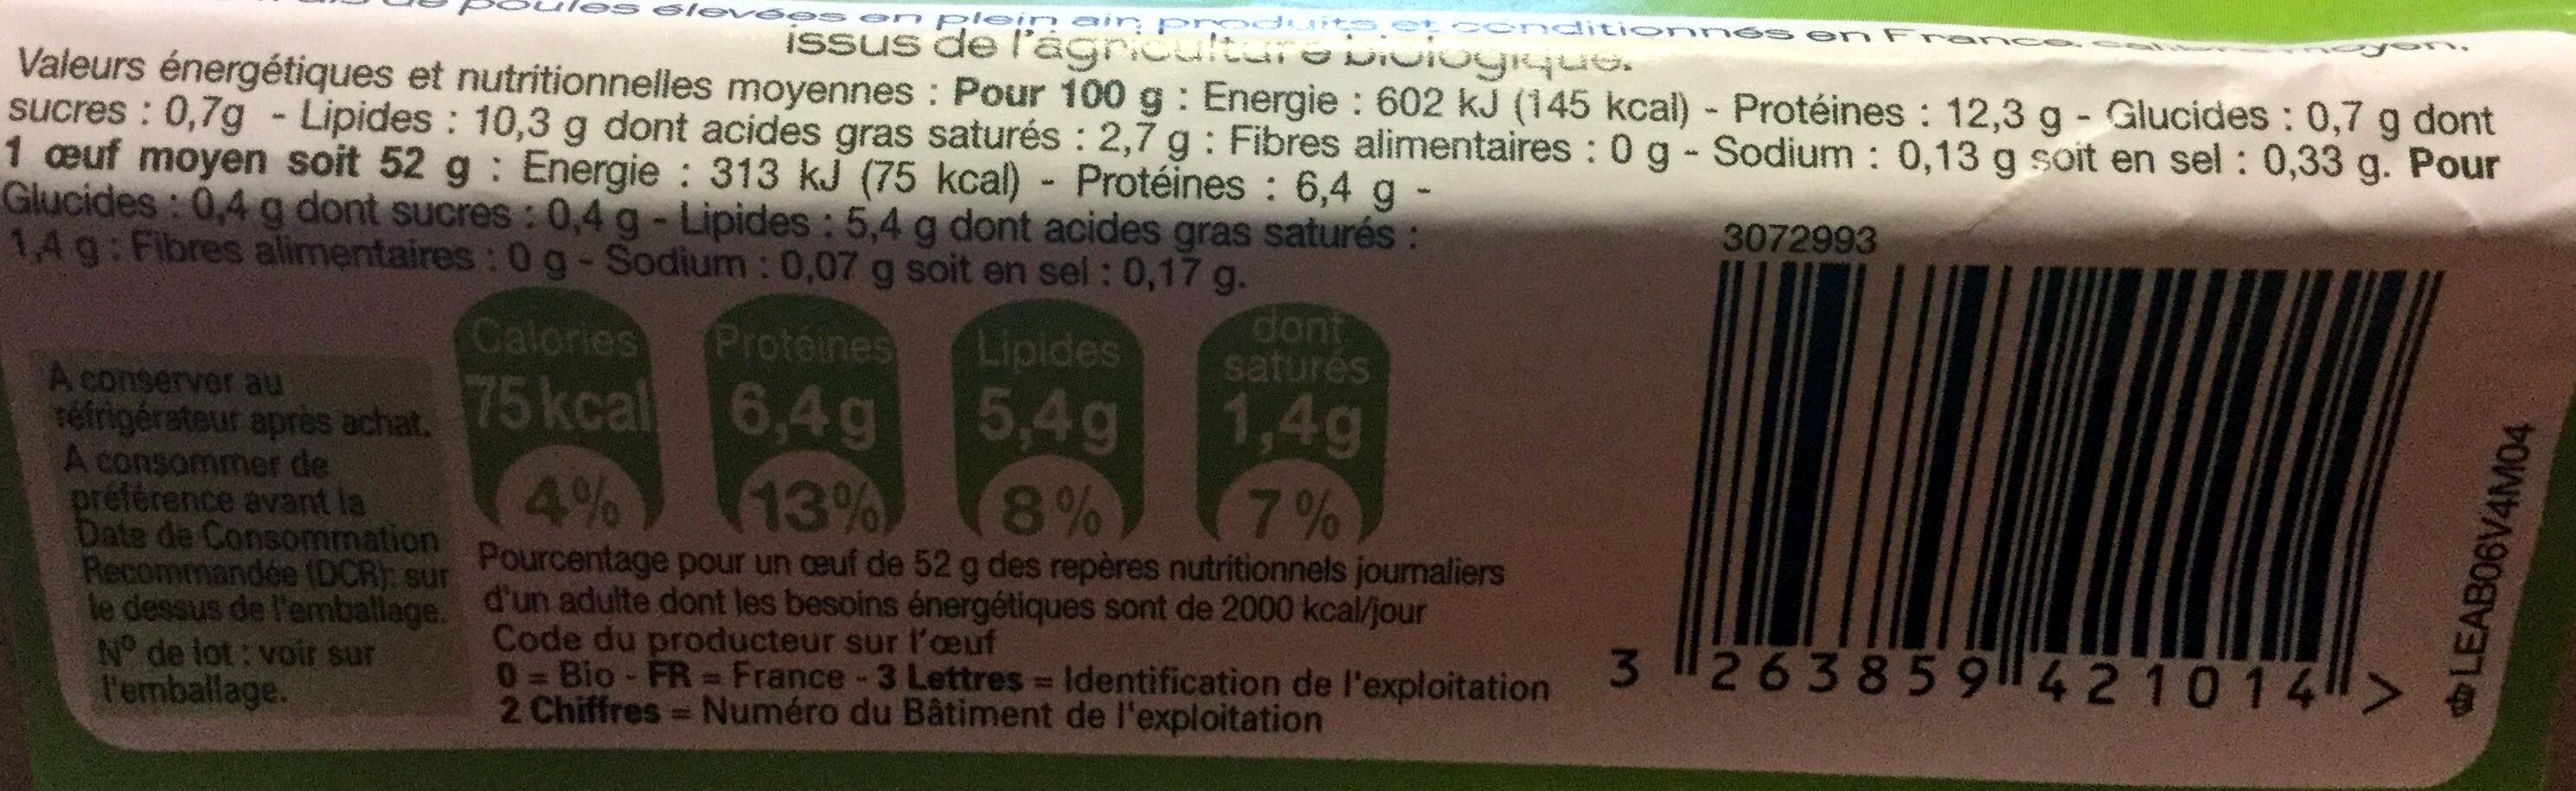 Oeufs de poules élevées en plein air Bio - Nutrition facts - fr